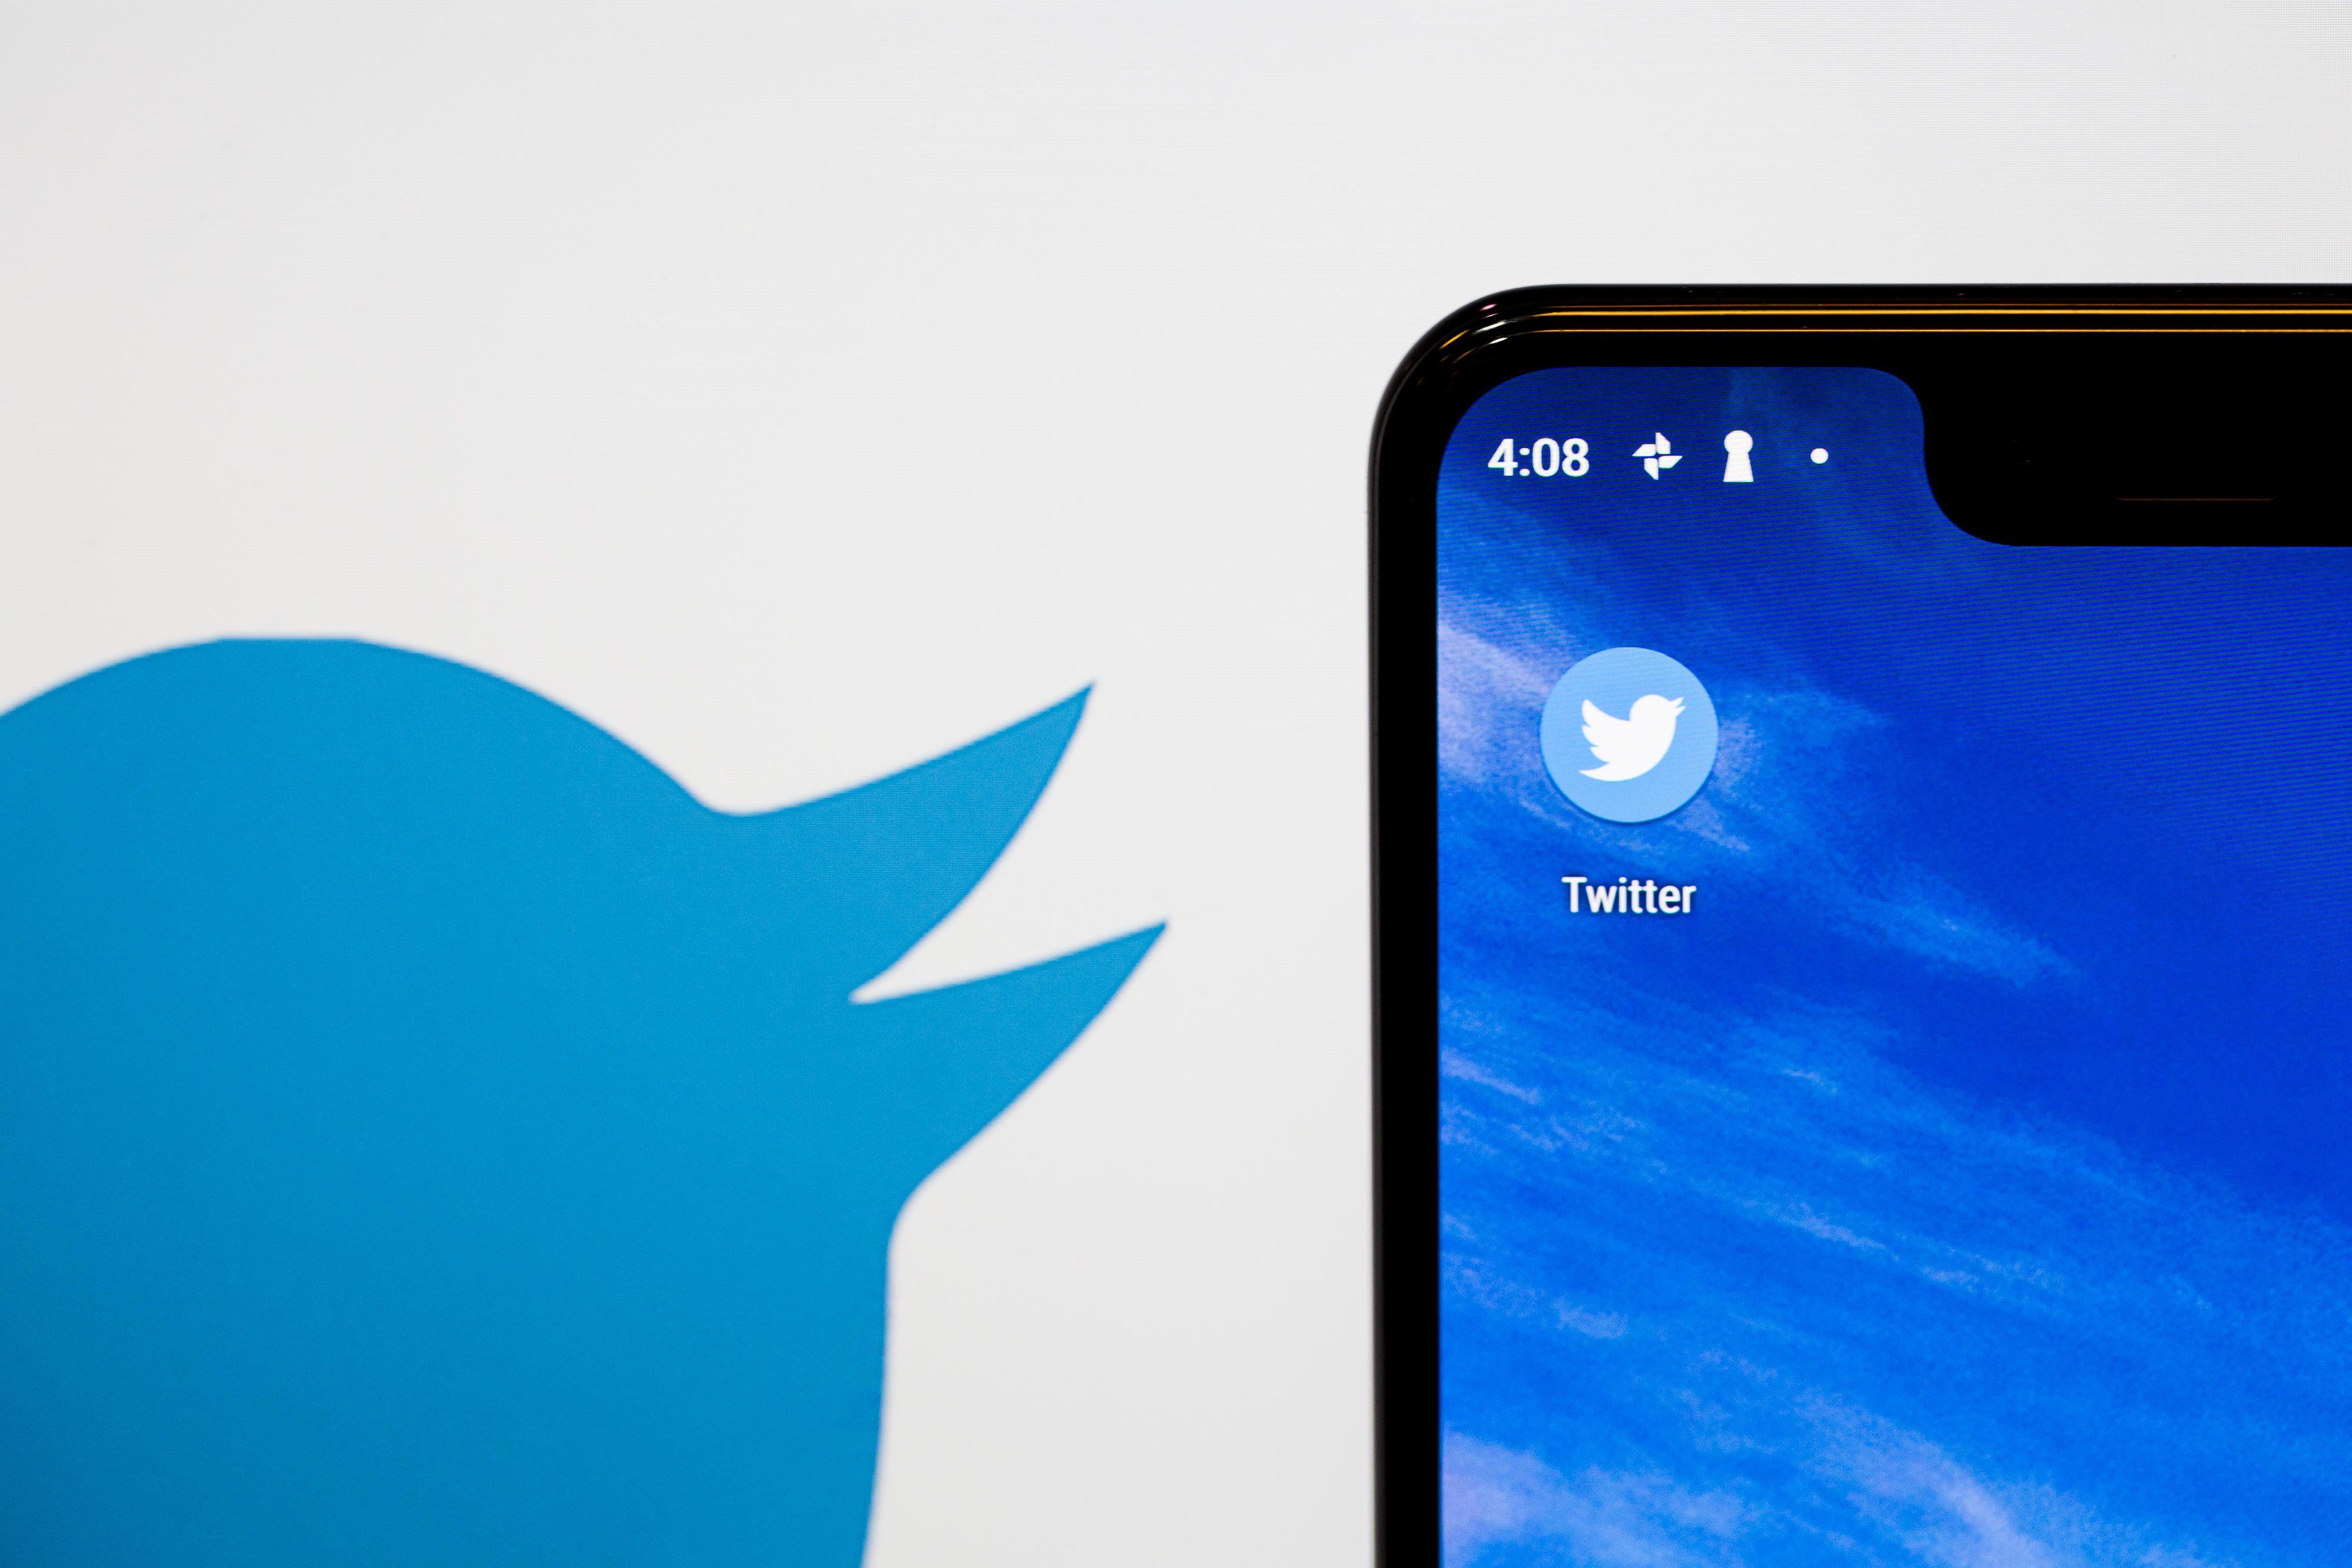 twitter-logo-app-phone-1